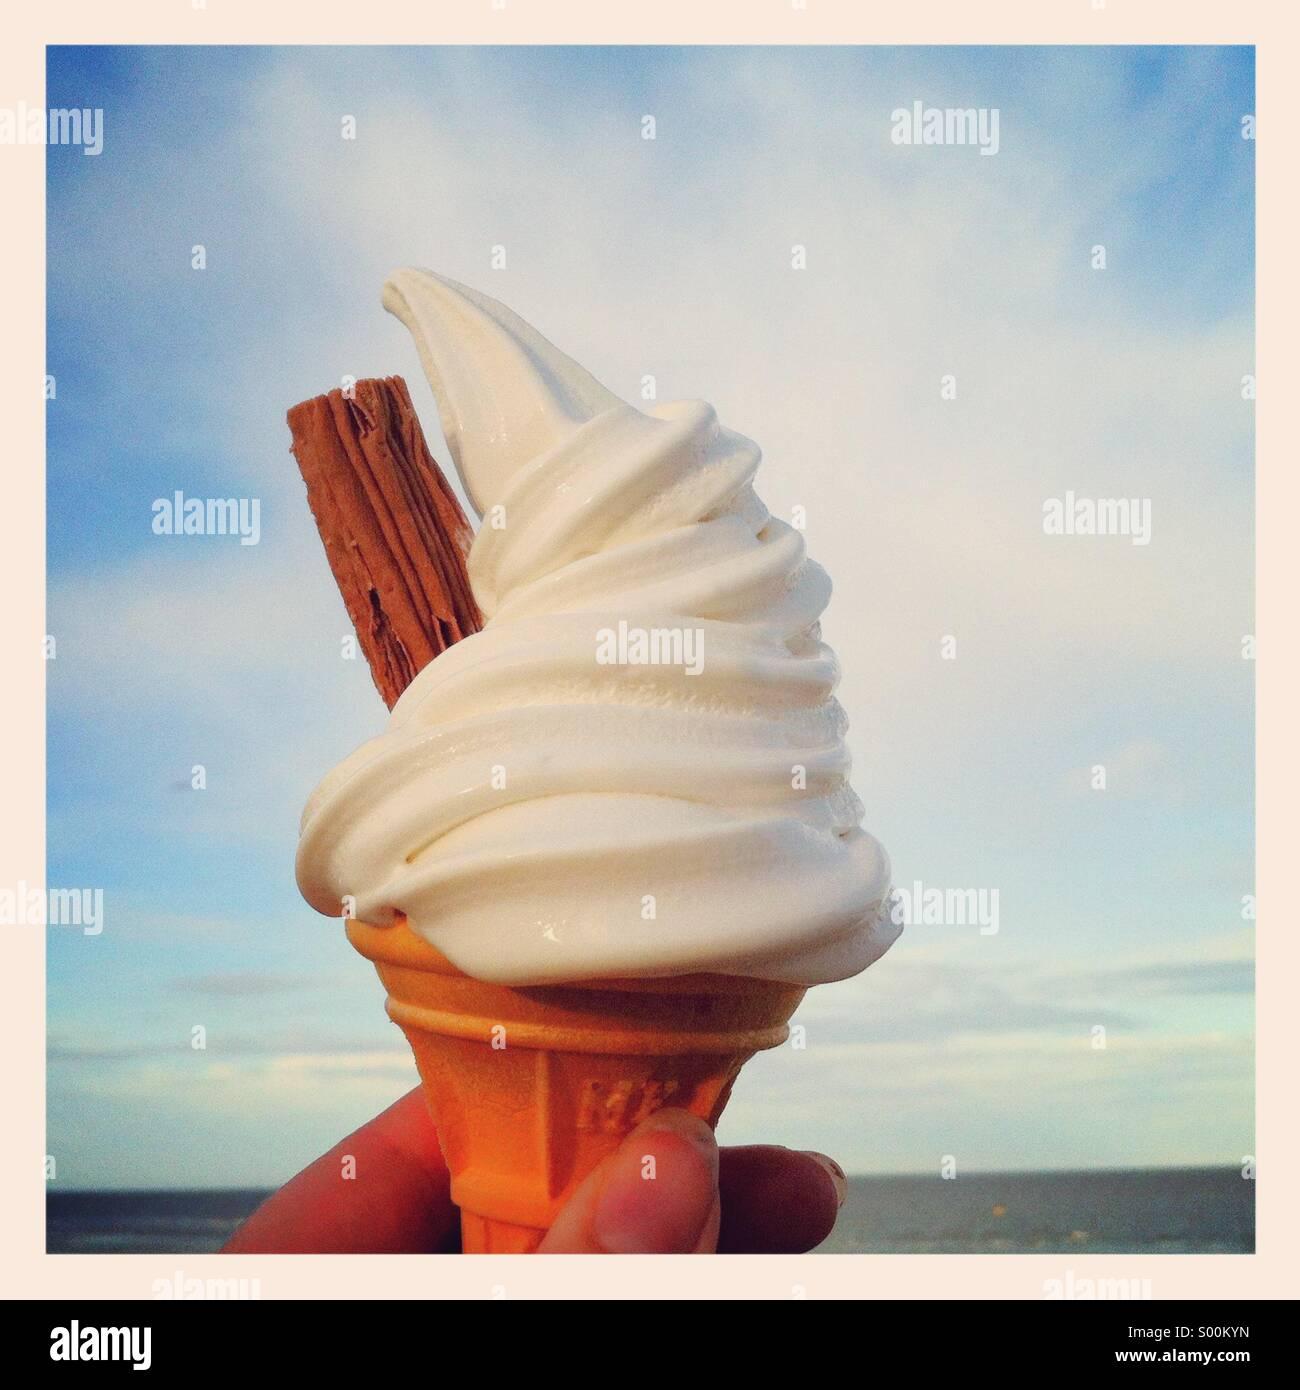 99 gelato in riva al mare Immagini Stock